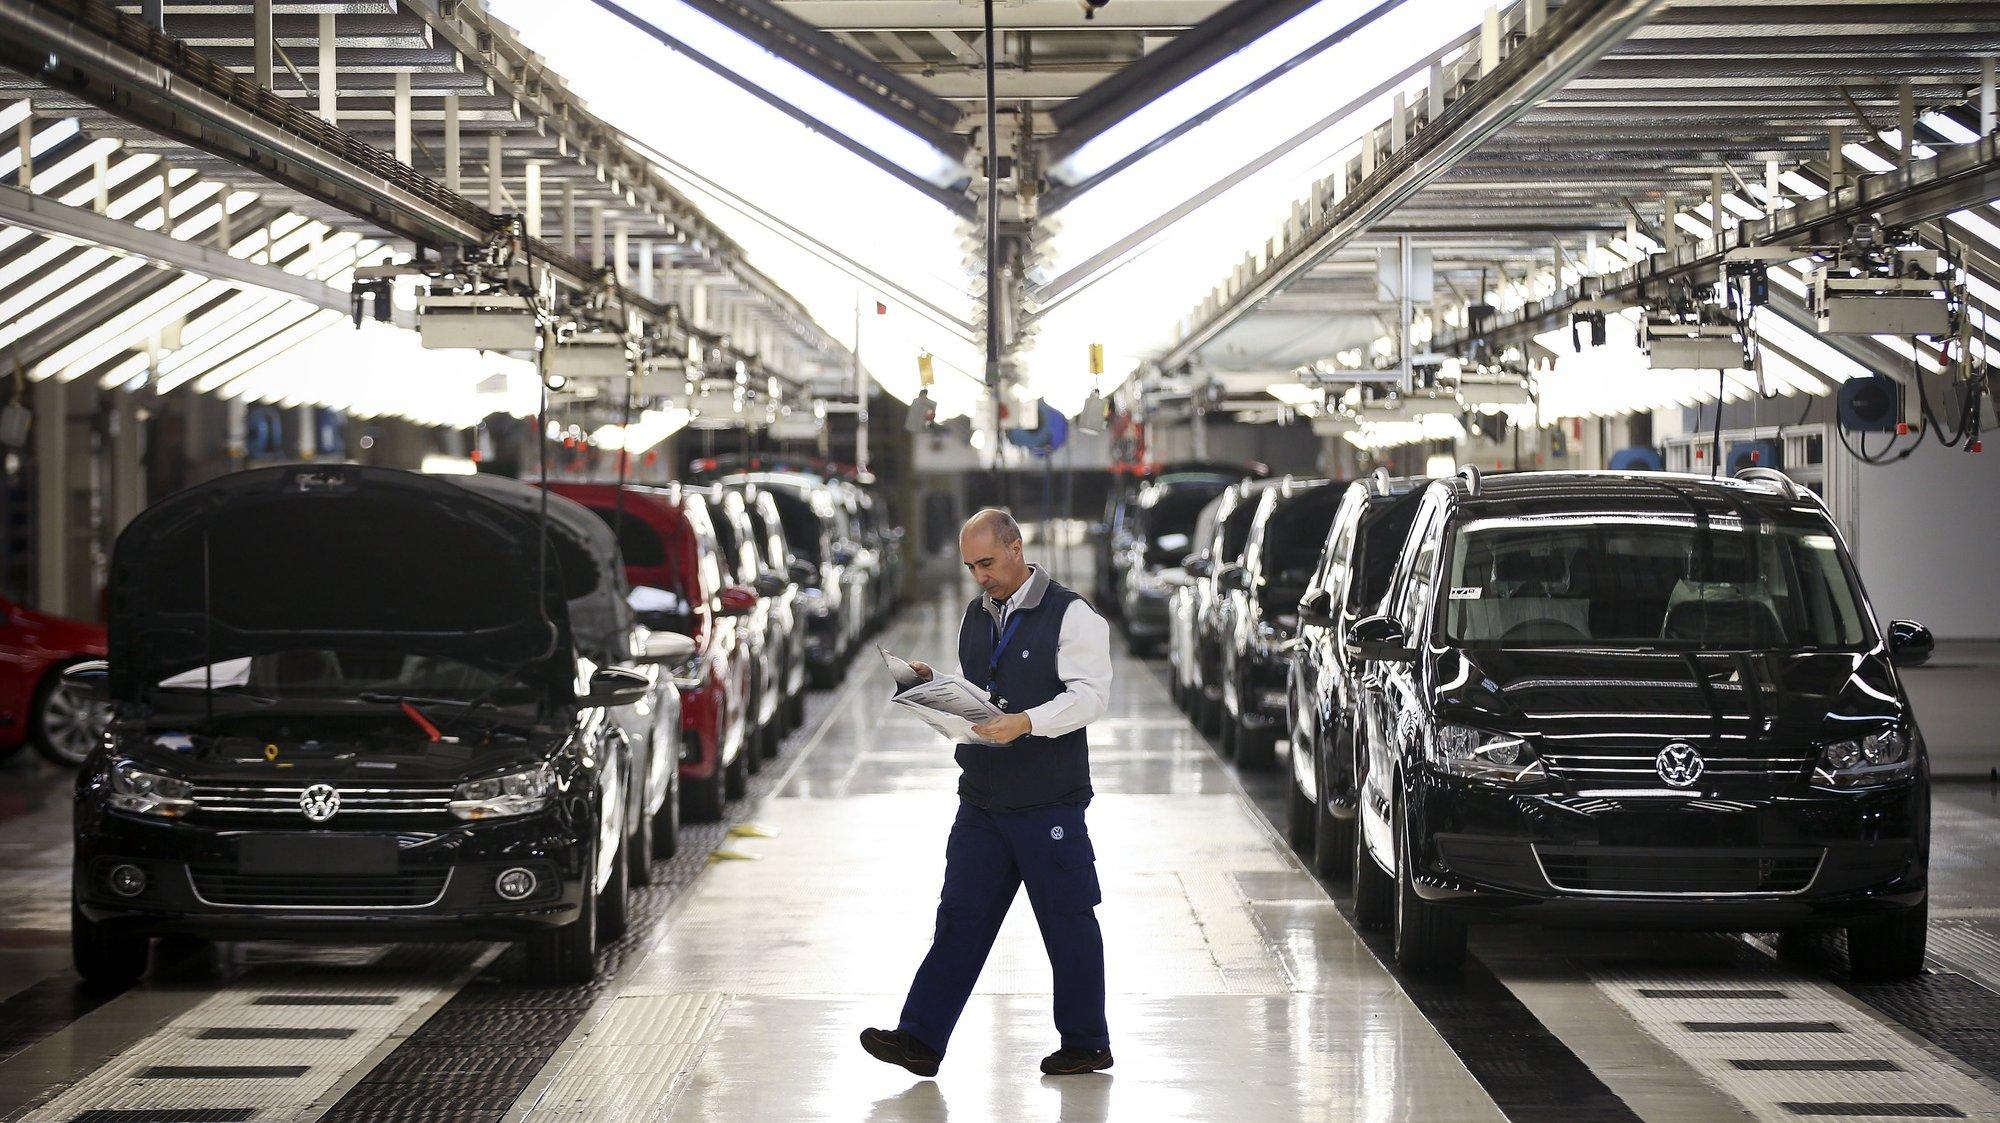 Um trabalhador da fábrica Autoeuropa do grupo alemão Volkswagen passa pela linha de sáida de veículos produzidos numa altura em que se celebram os 20 anos do início da produção da Autoeuropa em Portugal, em Palmela, concelho de Setúbal, 26 de abril de 2015. (ACOMPANHA TEXTO) MÁRIO CRUZ/LUSA